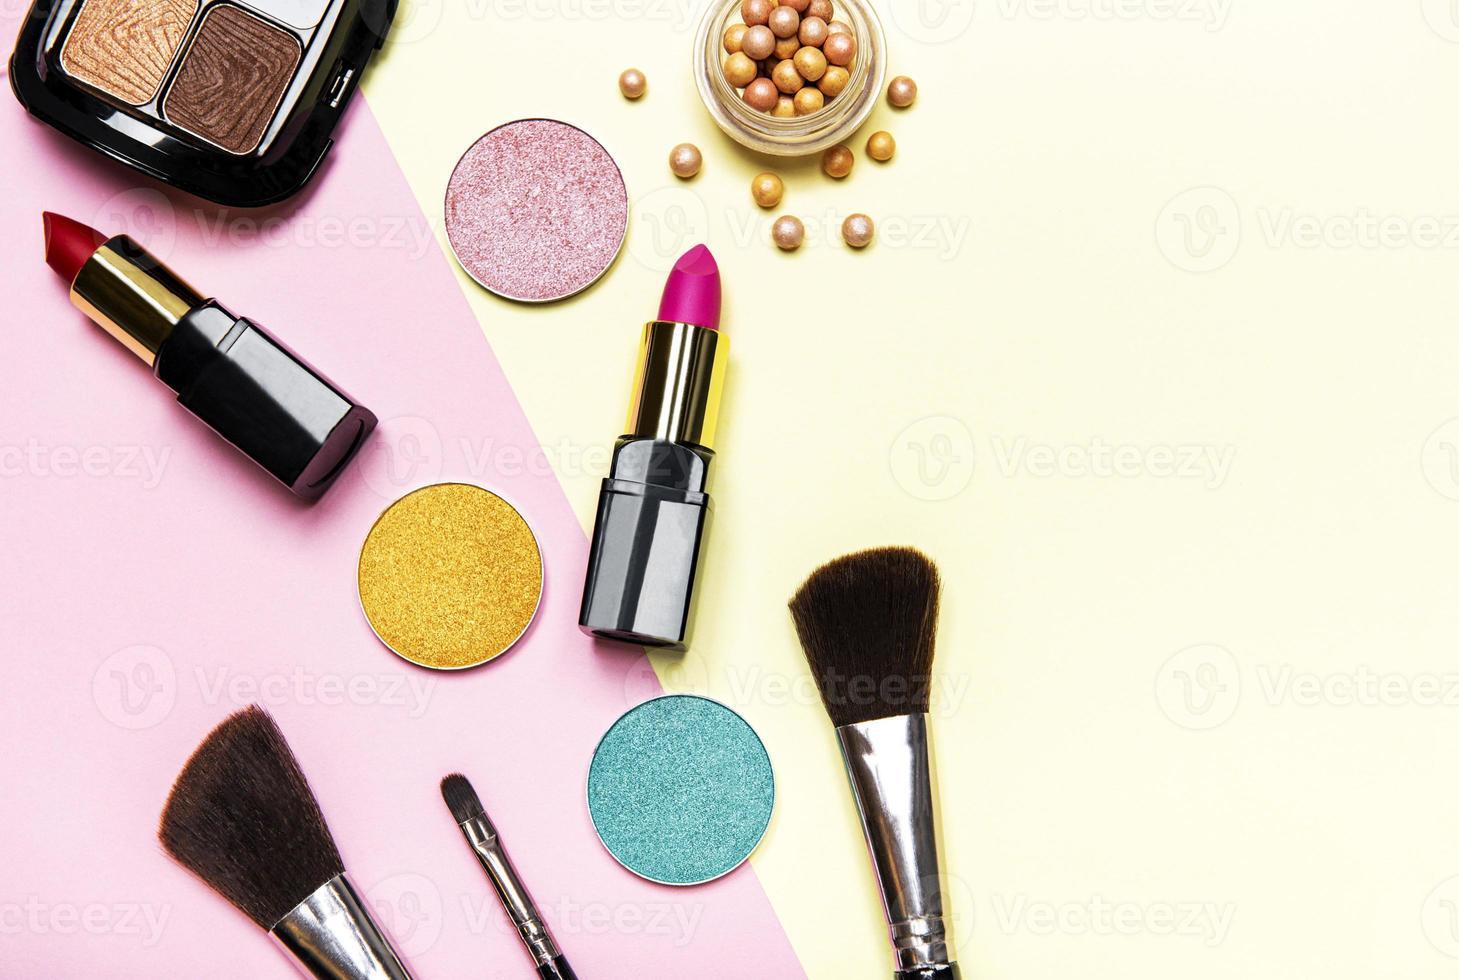 cosmétiques sur fond rose et jaune photo